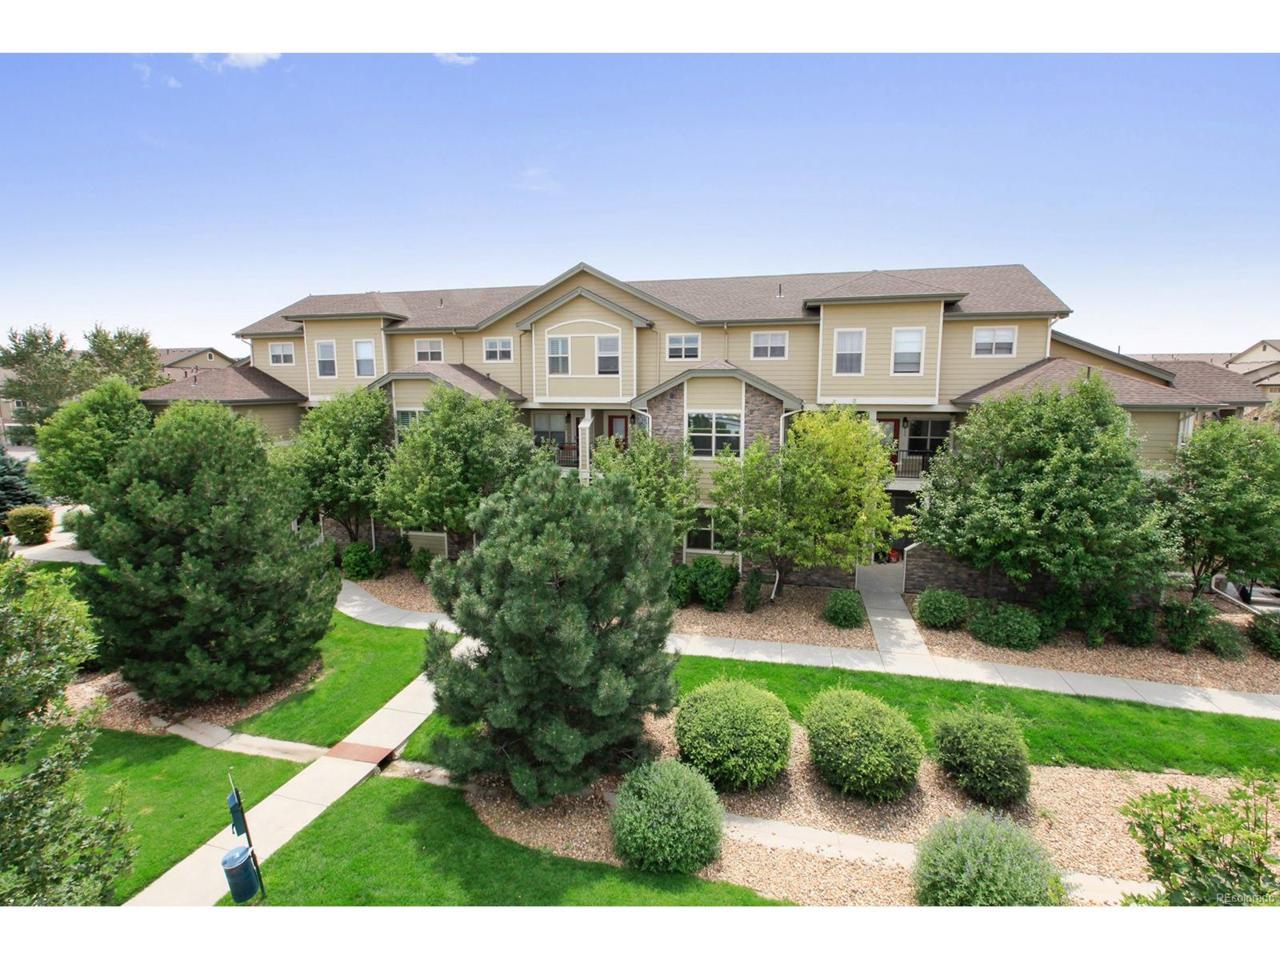 5800 Tower Road #903, Denver, CO 80249 (MLS #3896458) :: 8z Real Estate